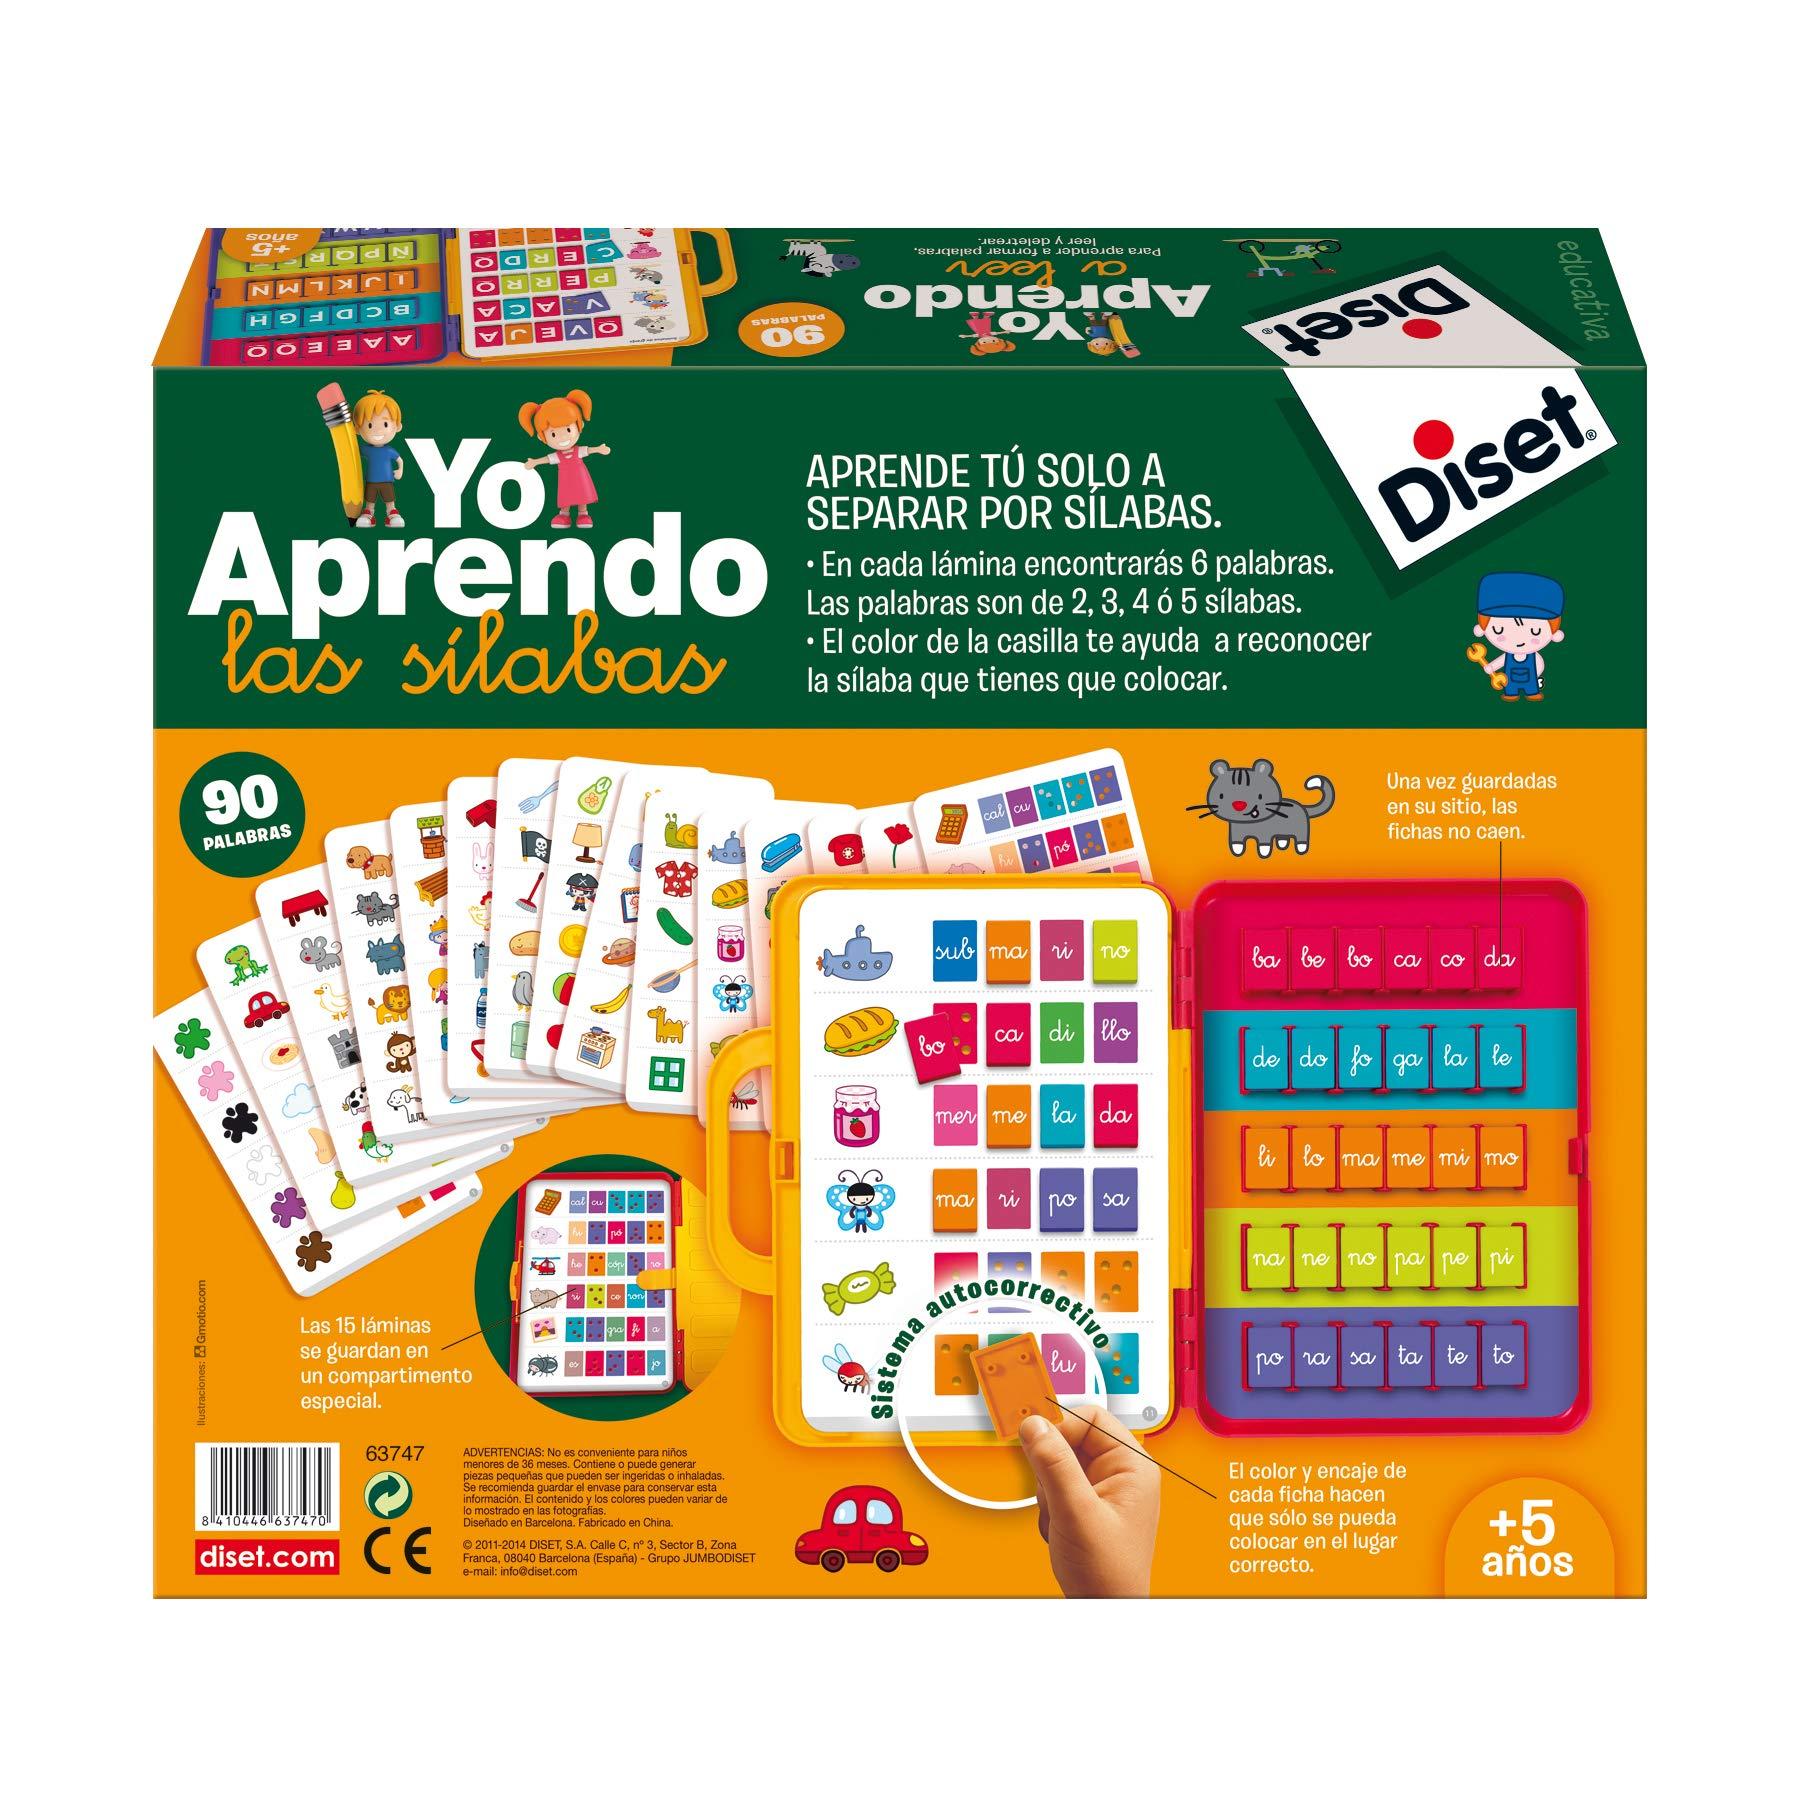 Diset- Juguetes, 31.5 x 26.4 x 6.1 (63747): Amazon.es: Juguetes y juegos